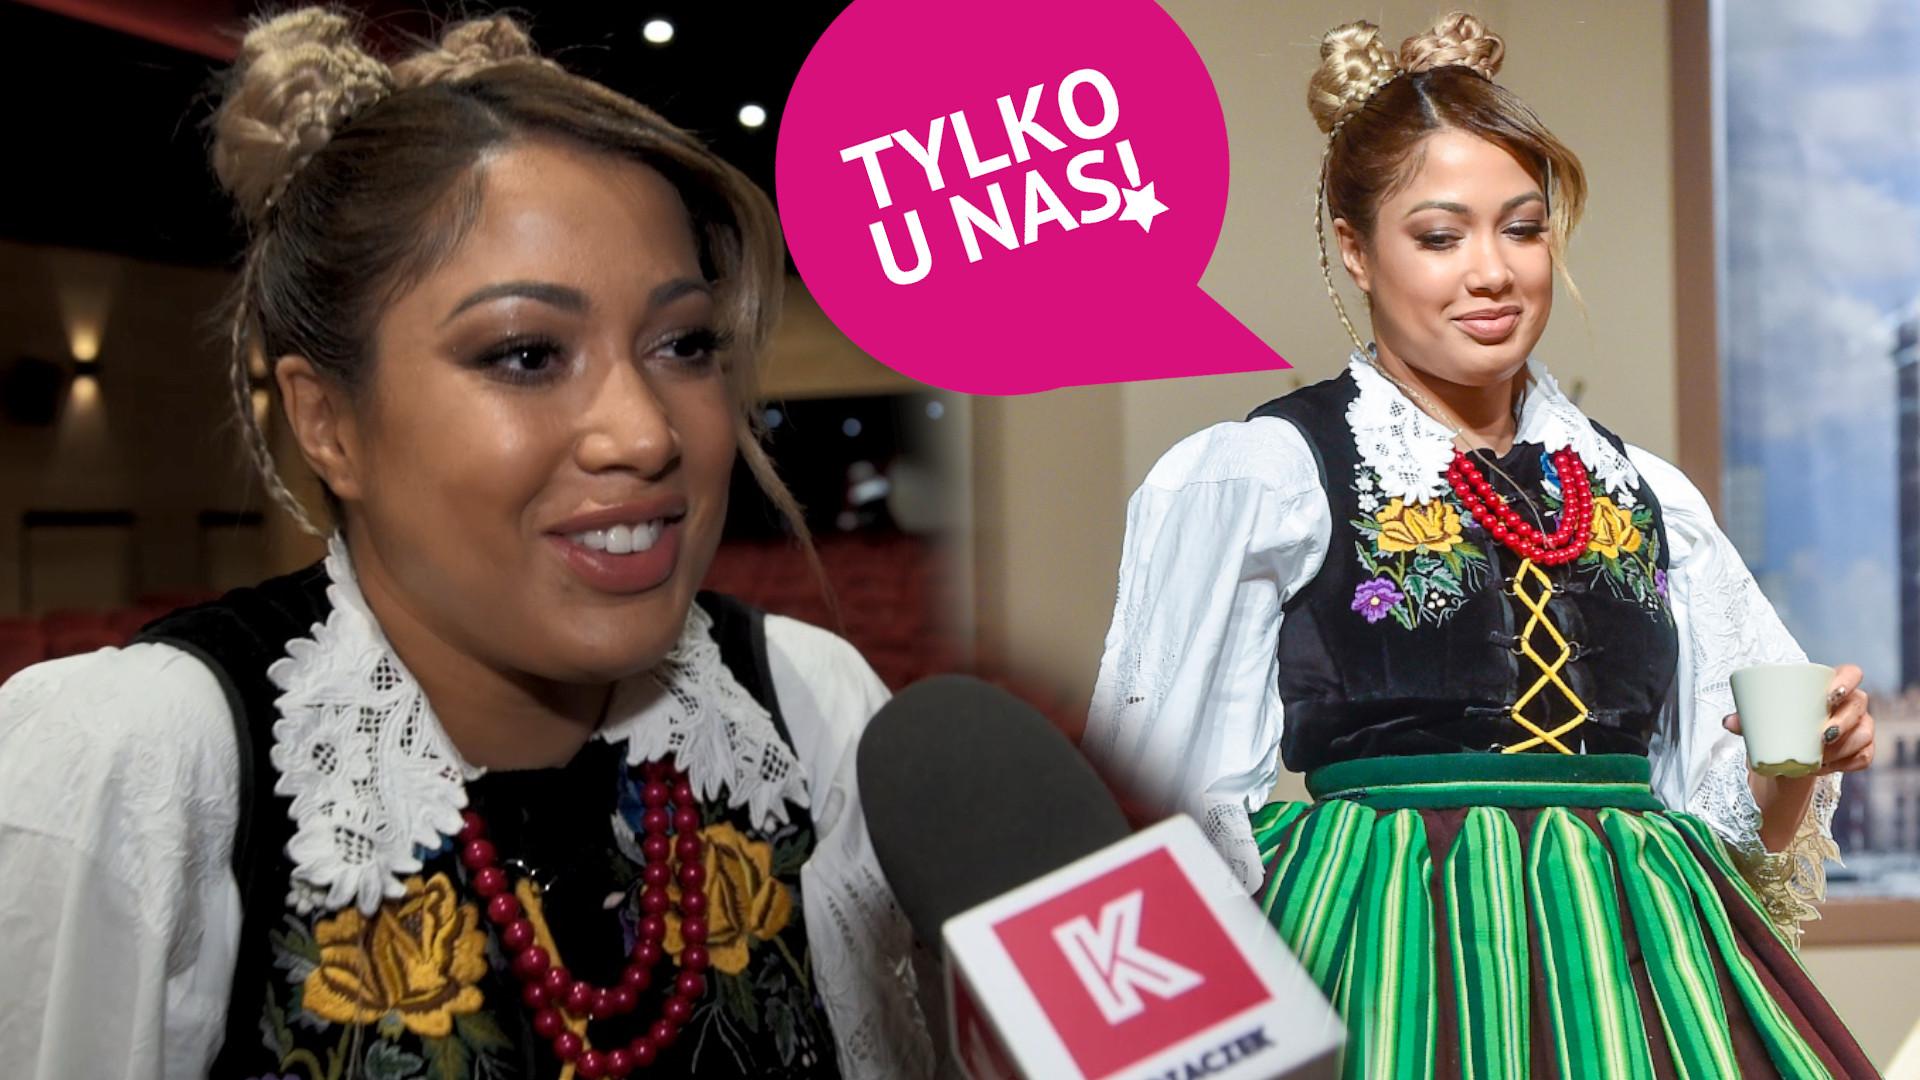 Internauci domagają się Patricii Kazadi na Eurowizji 2020! Co na to gwiazda? (WIDEO)